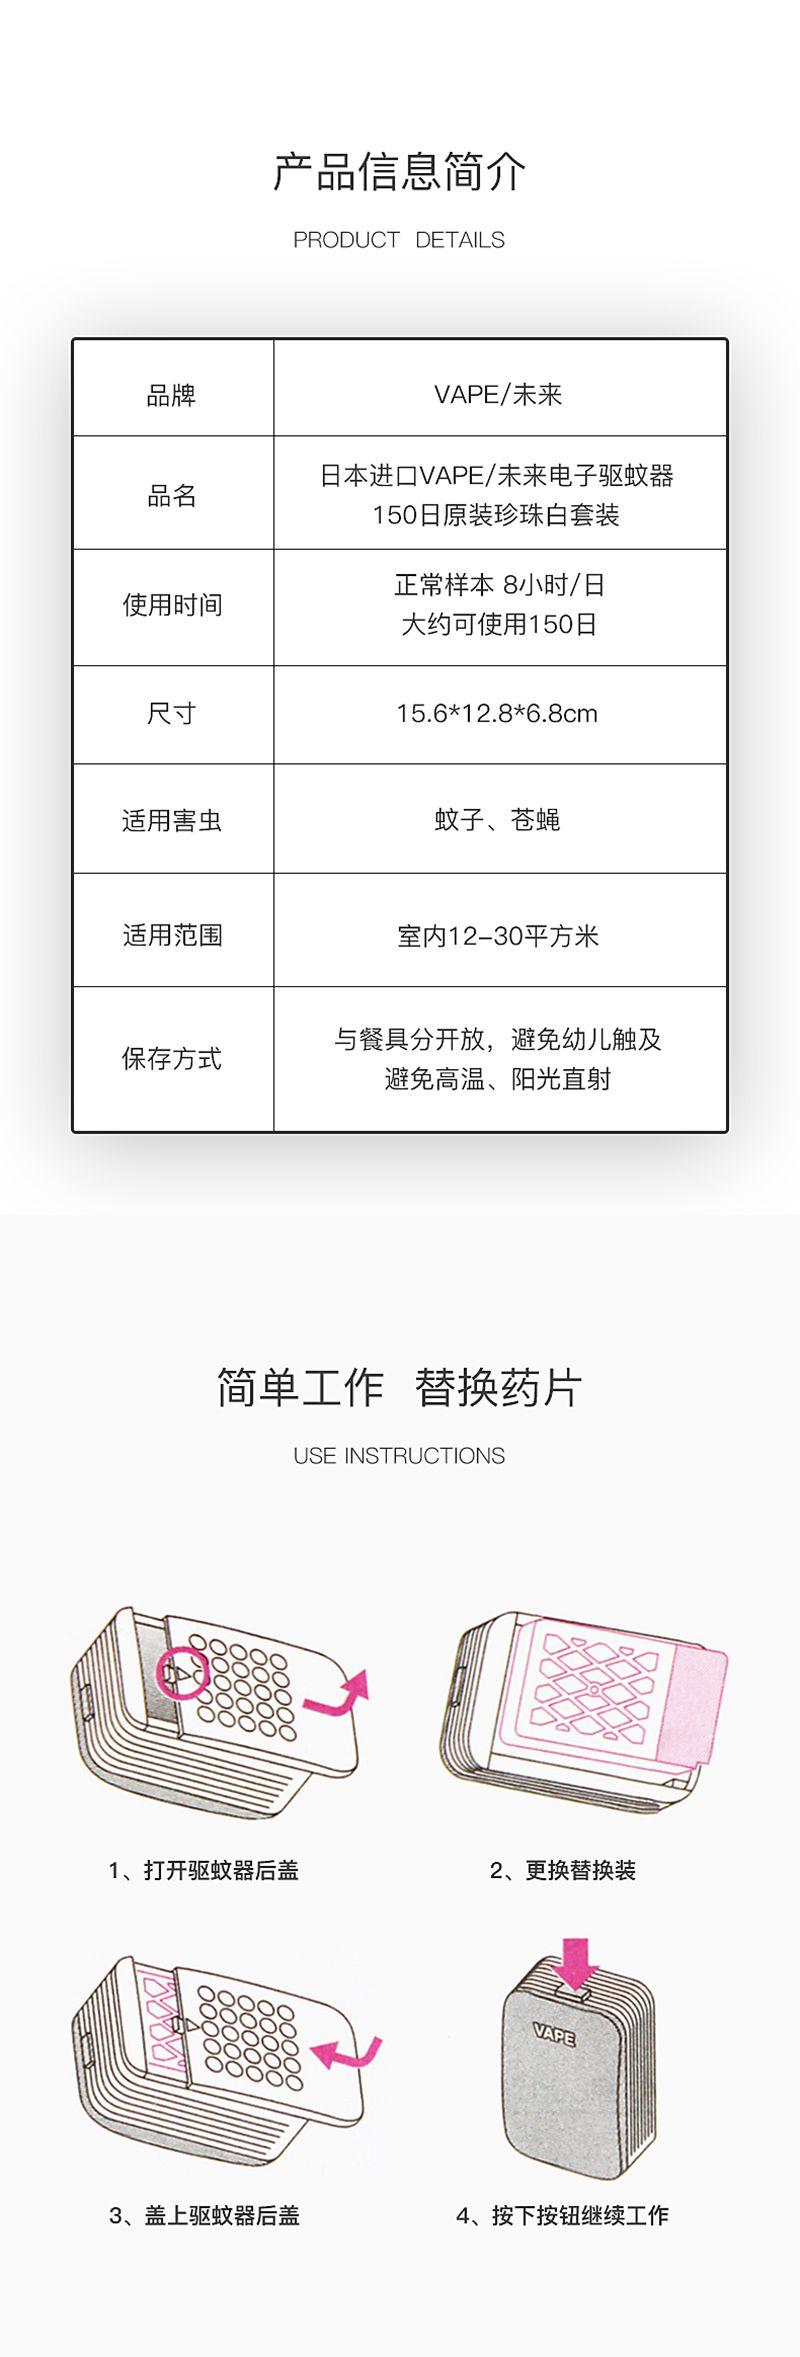 日本 VAPE 未来无味150日驱蚊器 信息